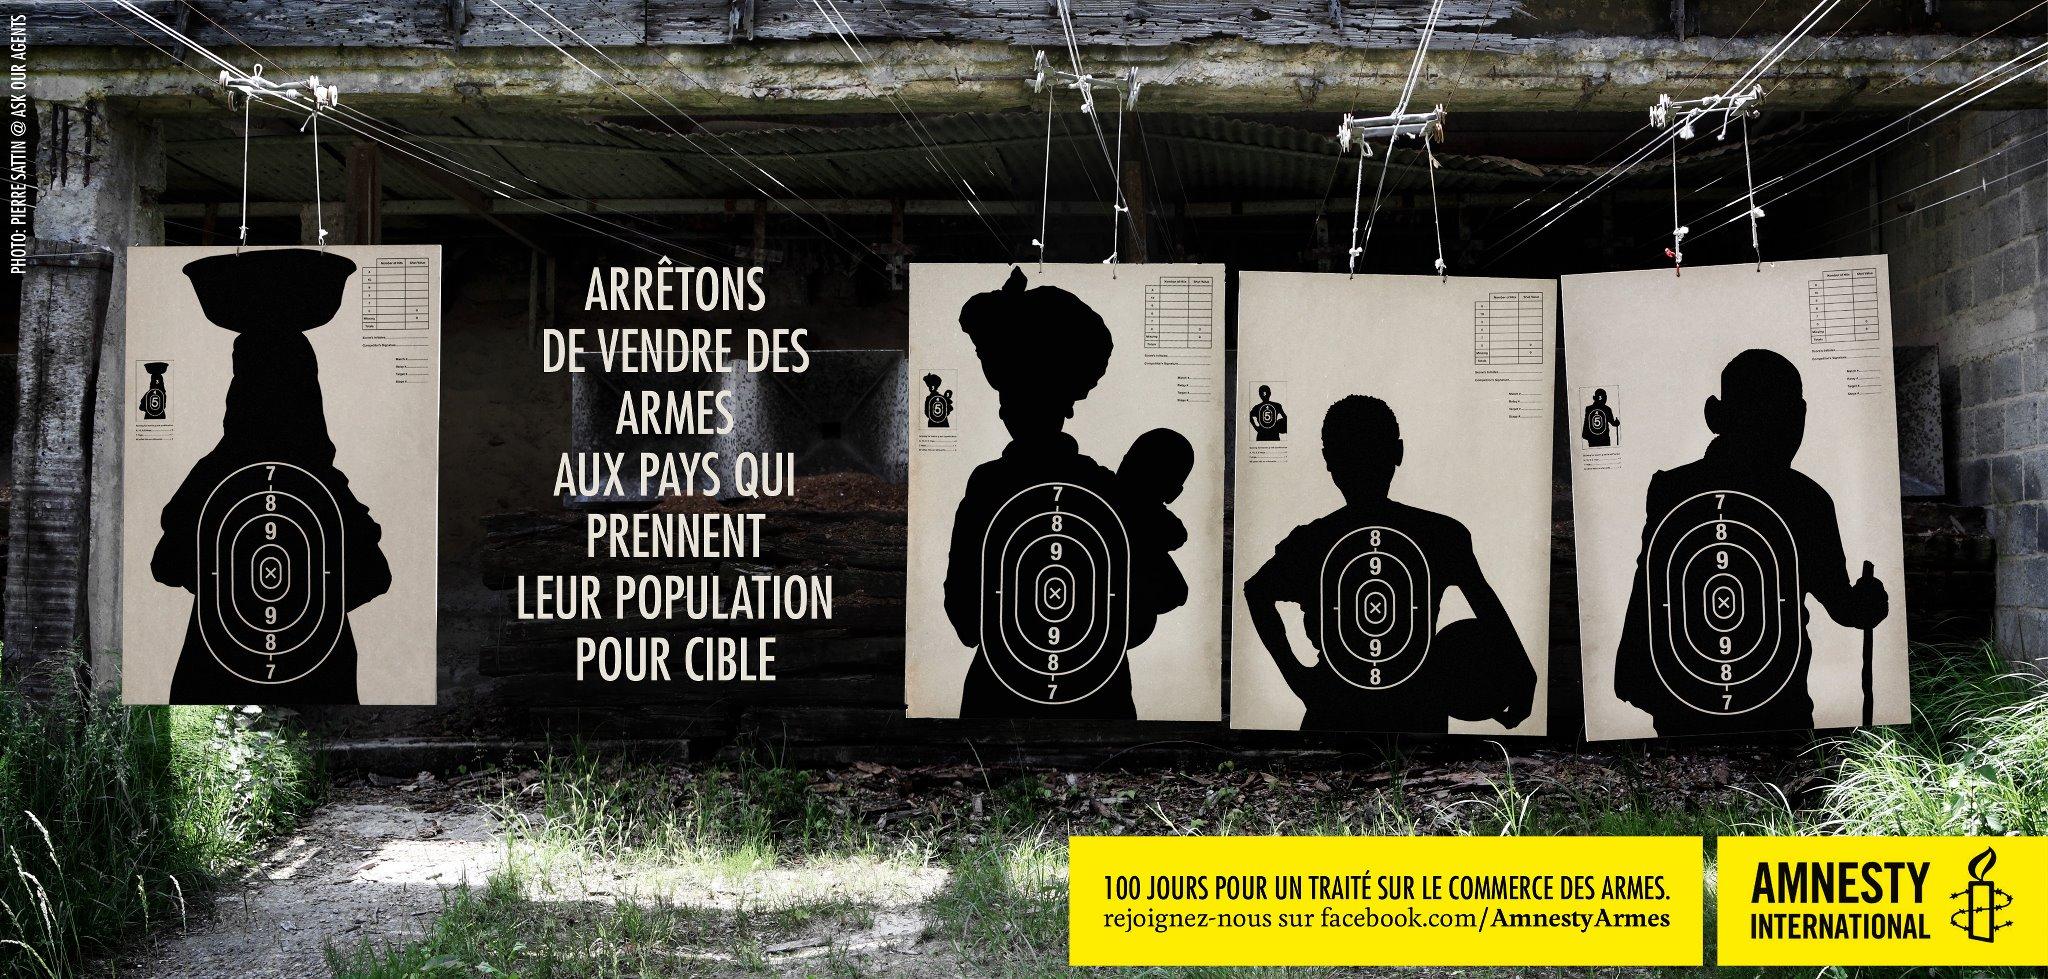 llllitl-amnesty-international-traité-commerce-des-armes-guns-population-civils-trafic-armes-guerre-civile-tbwa-paris-juin-2012